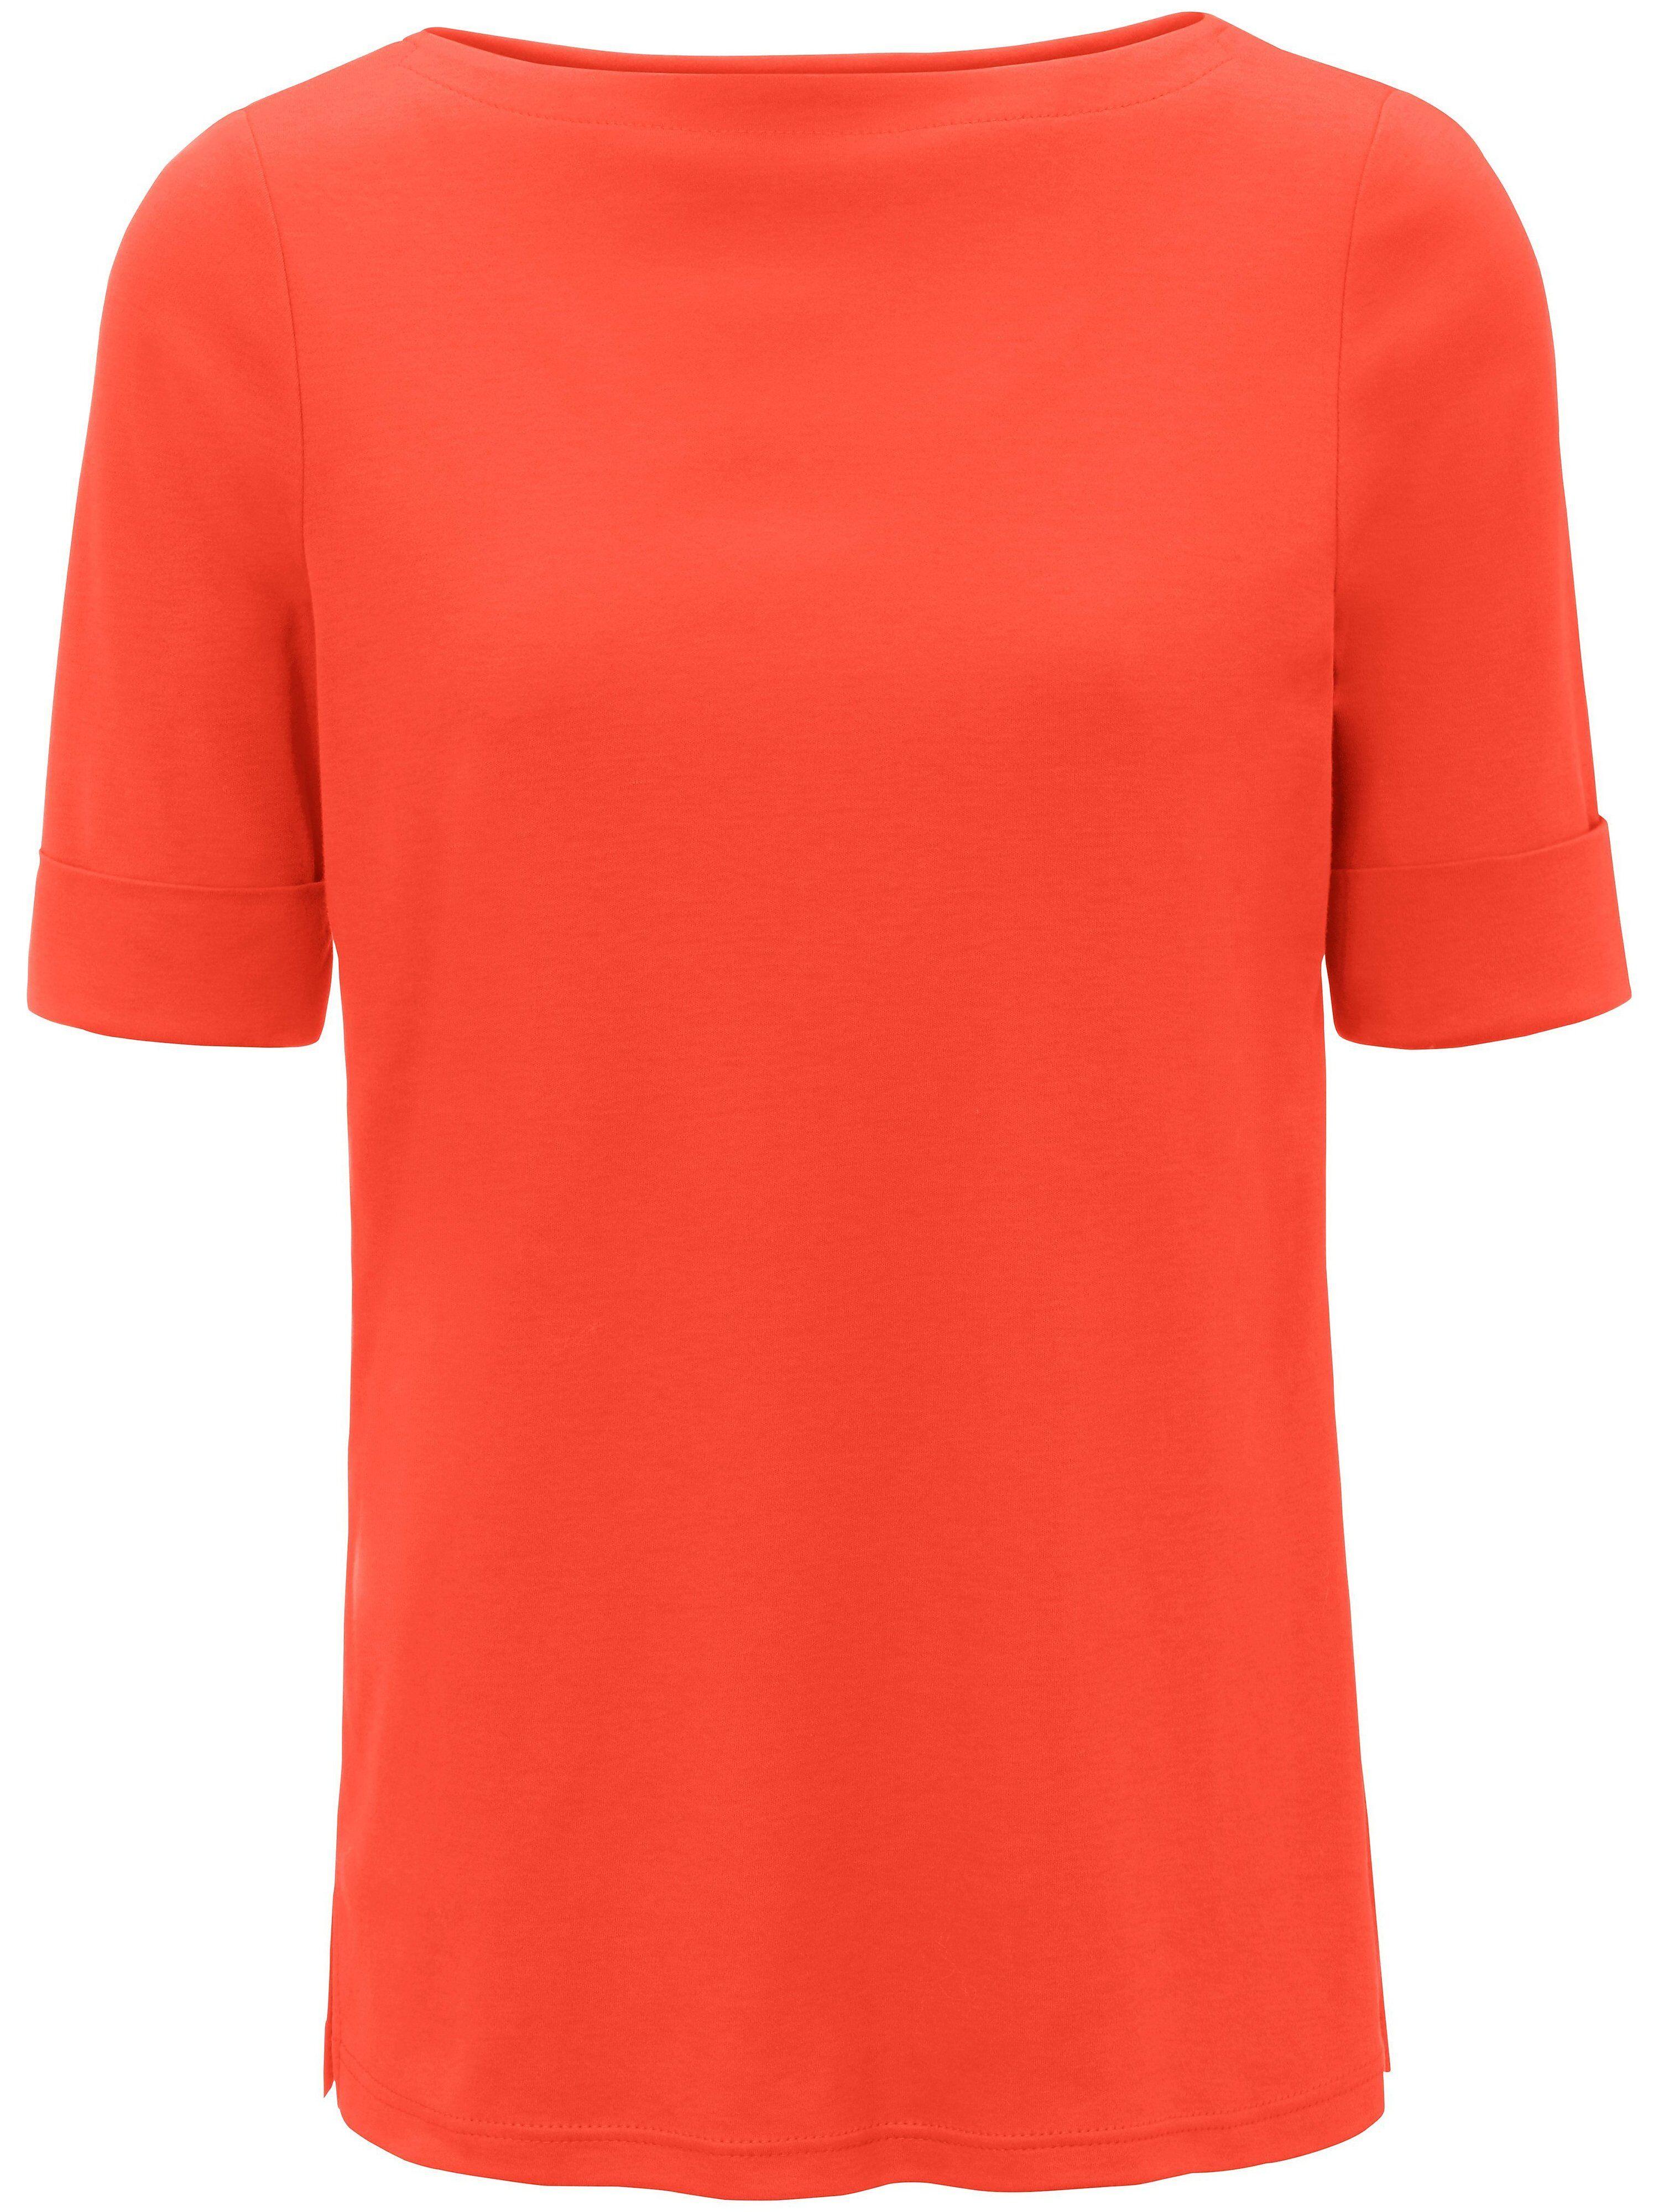 Efixelle Le T-shirt 100% coton  Efixelle orange  - Femme - 38